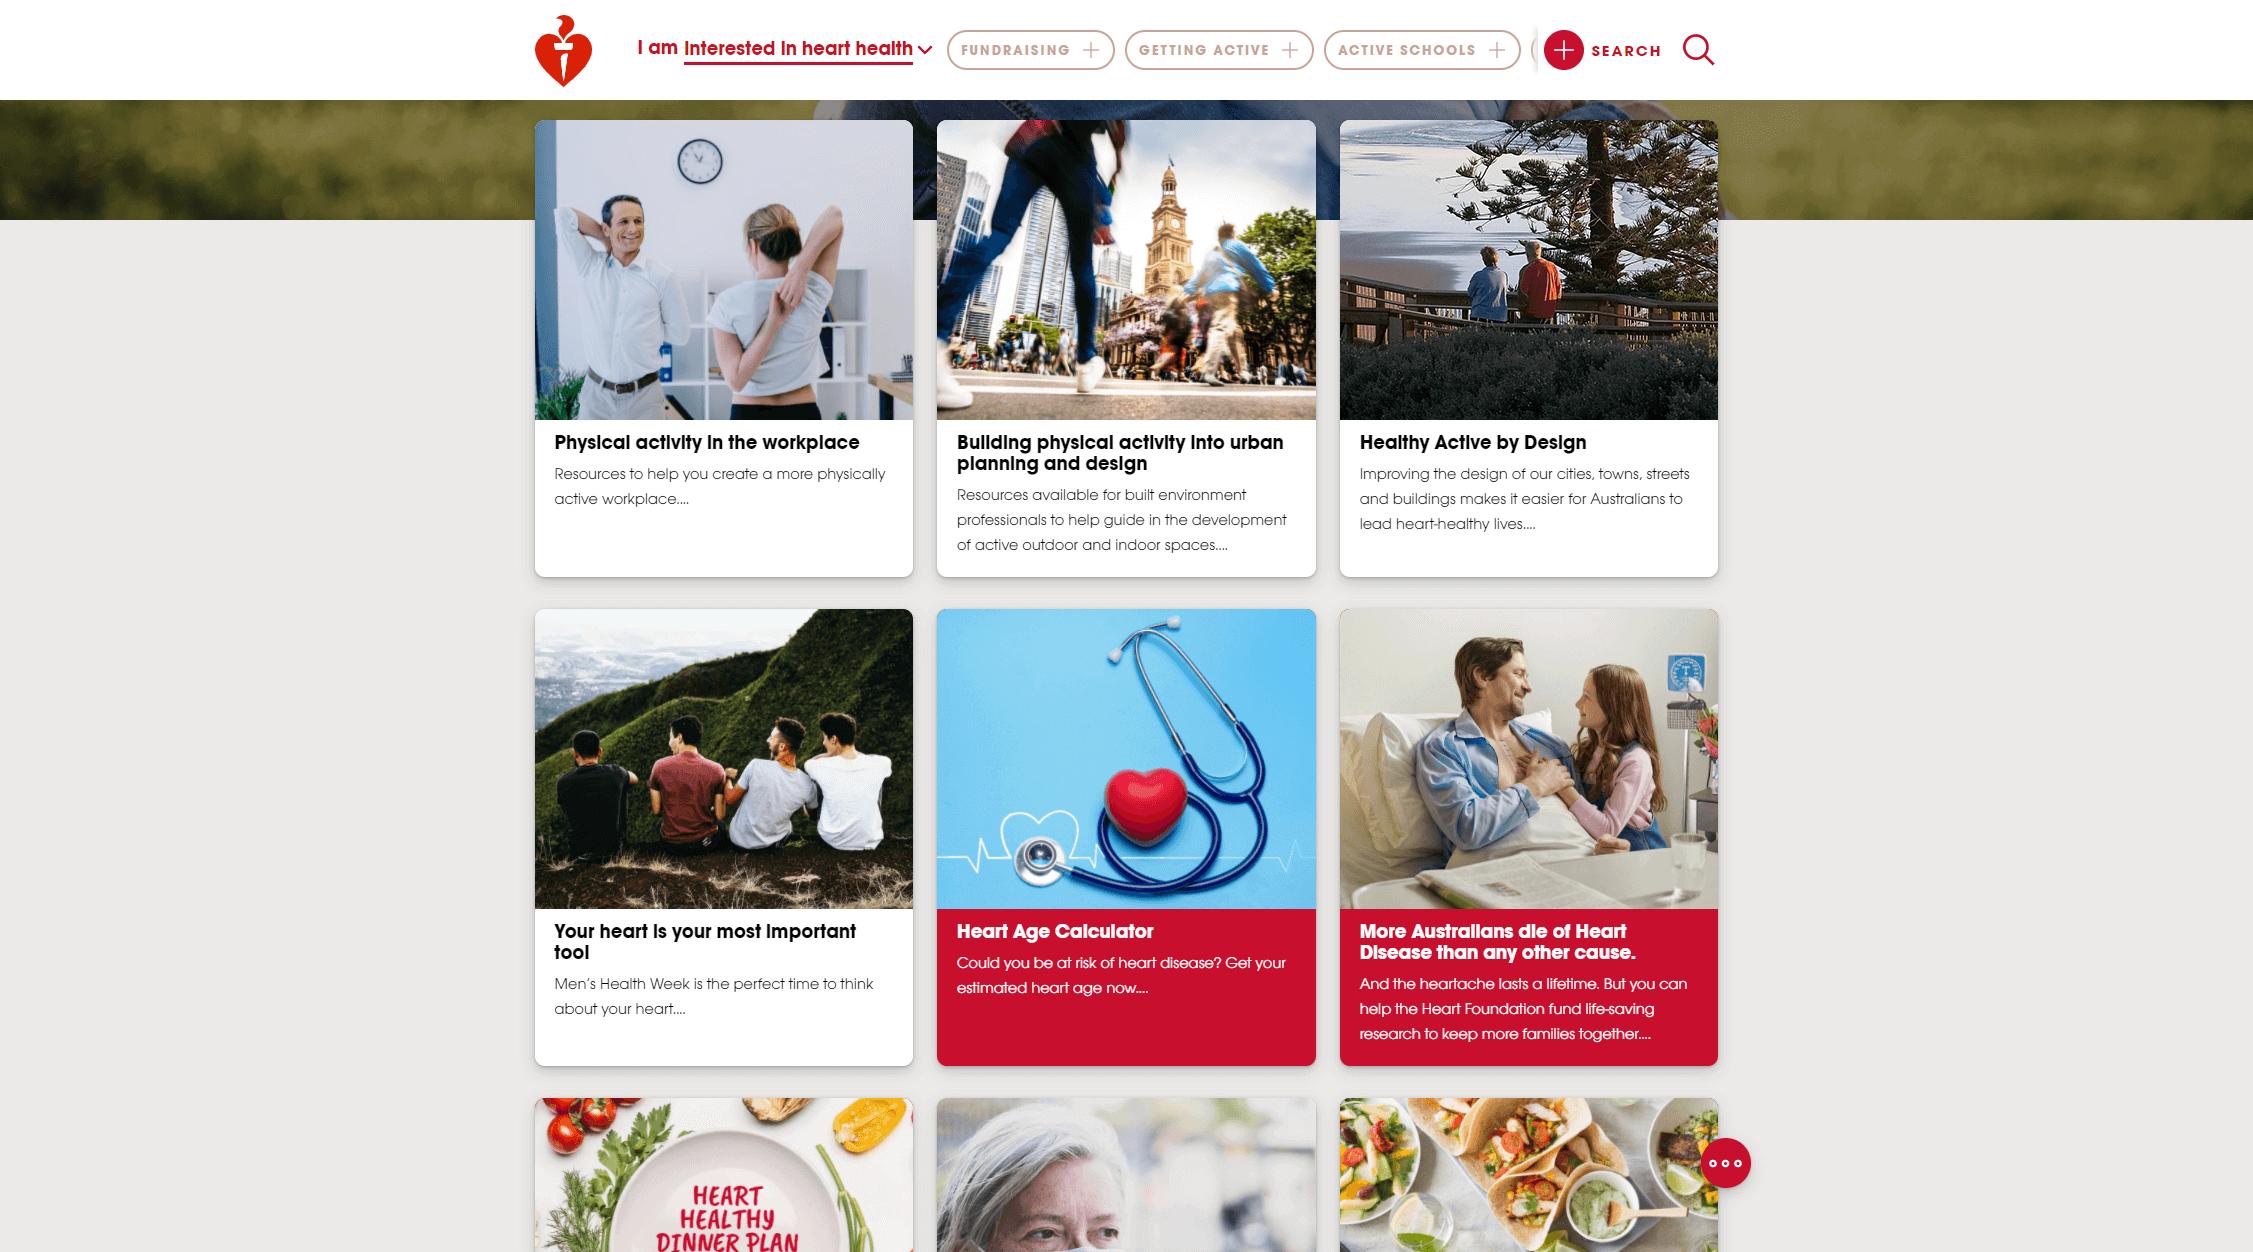 www.heartfoundation.org.au-2